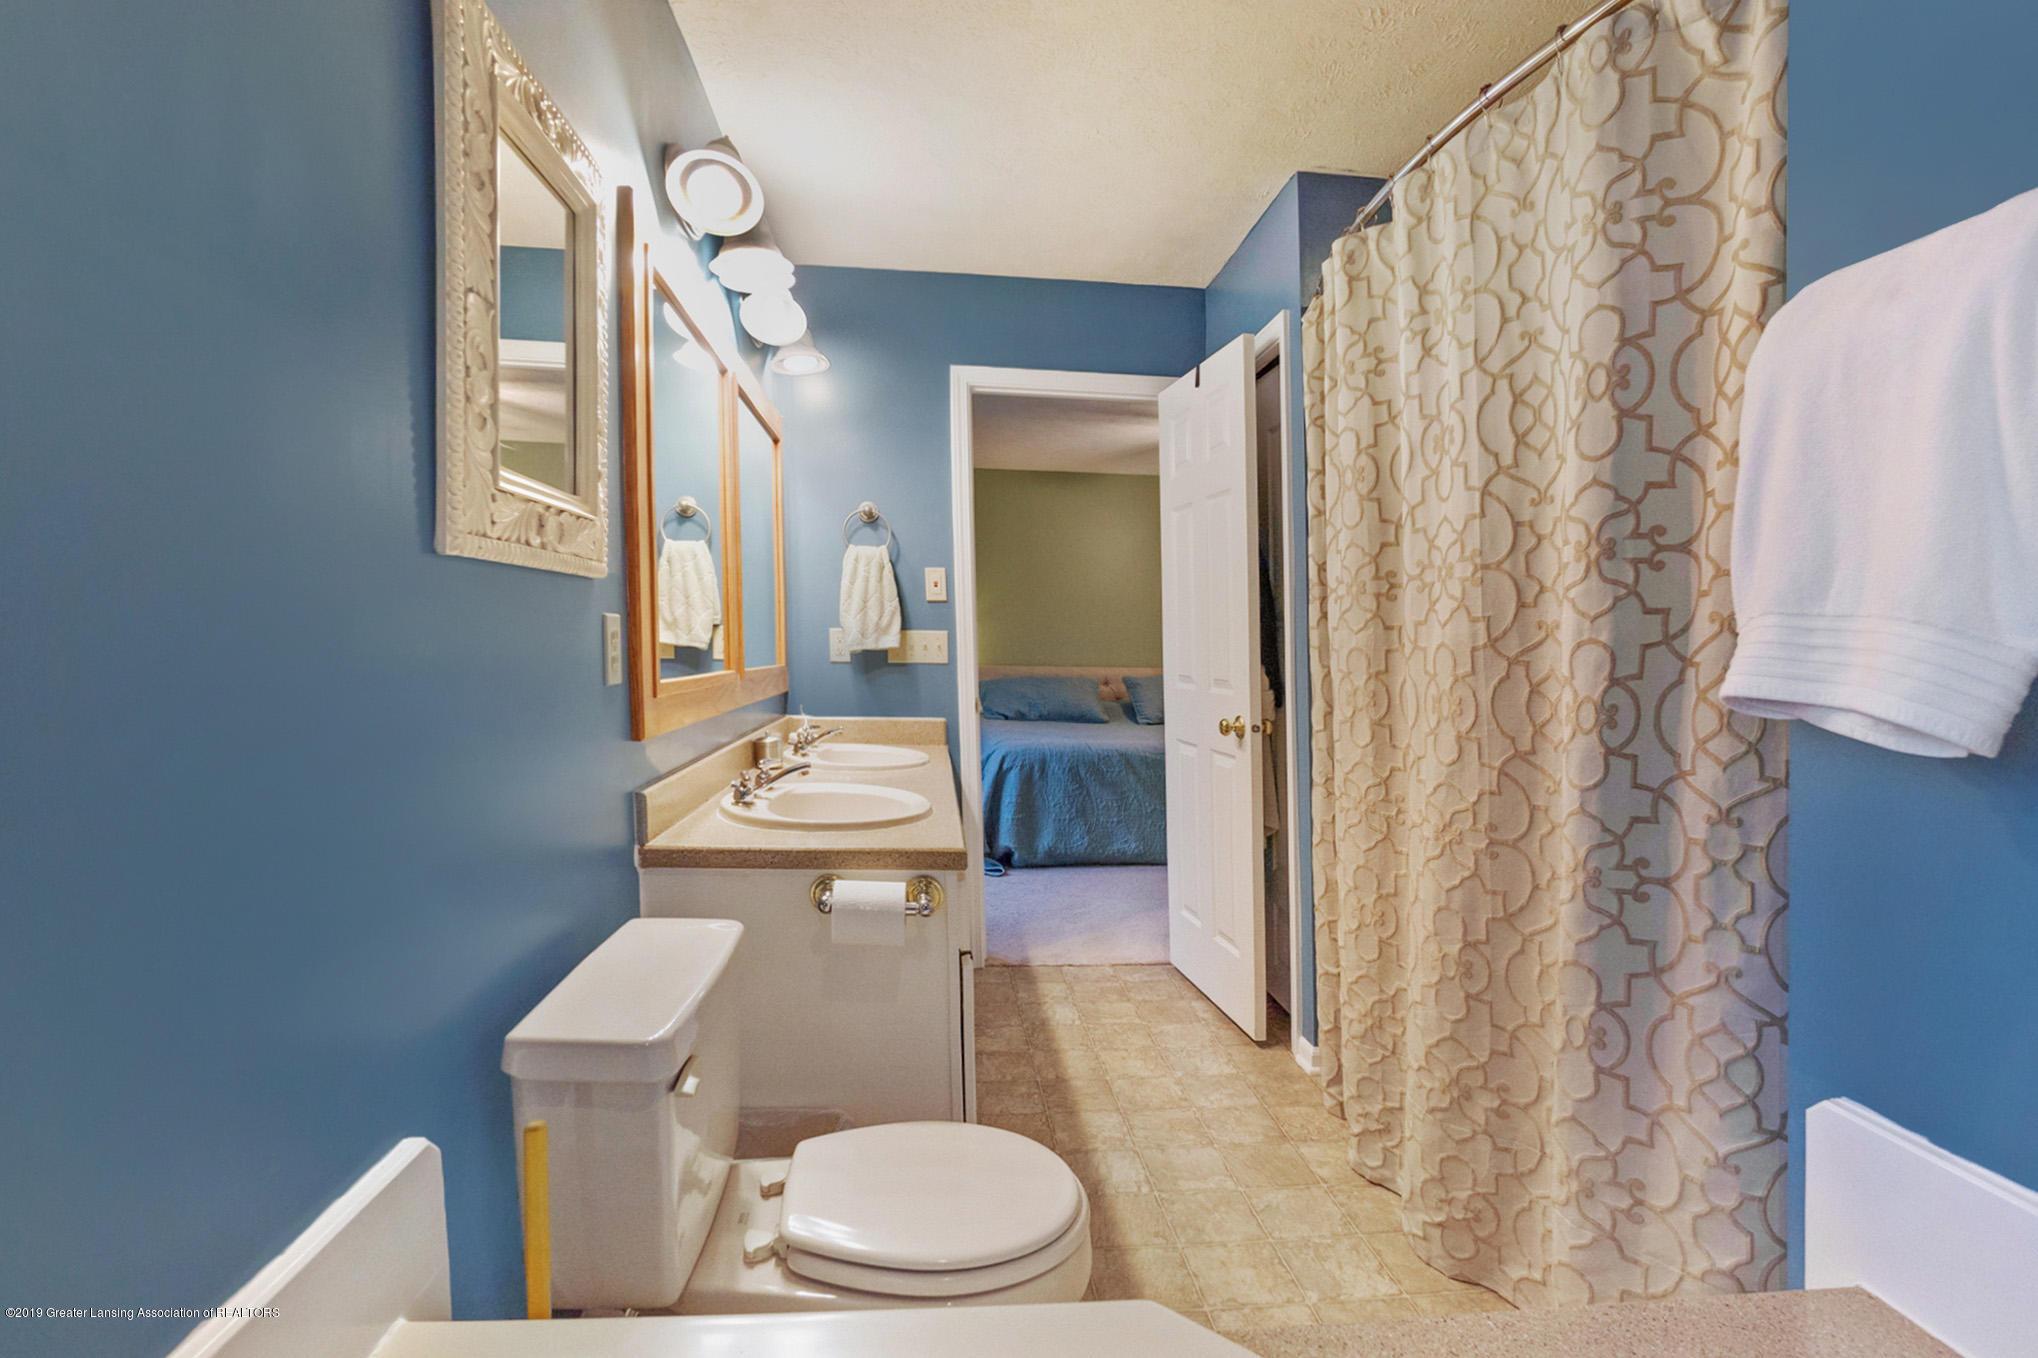 2540 Cunningham Dr - Bathroom - 18